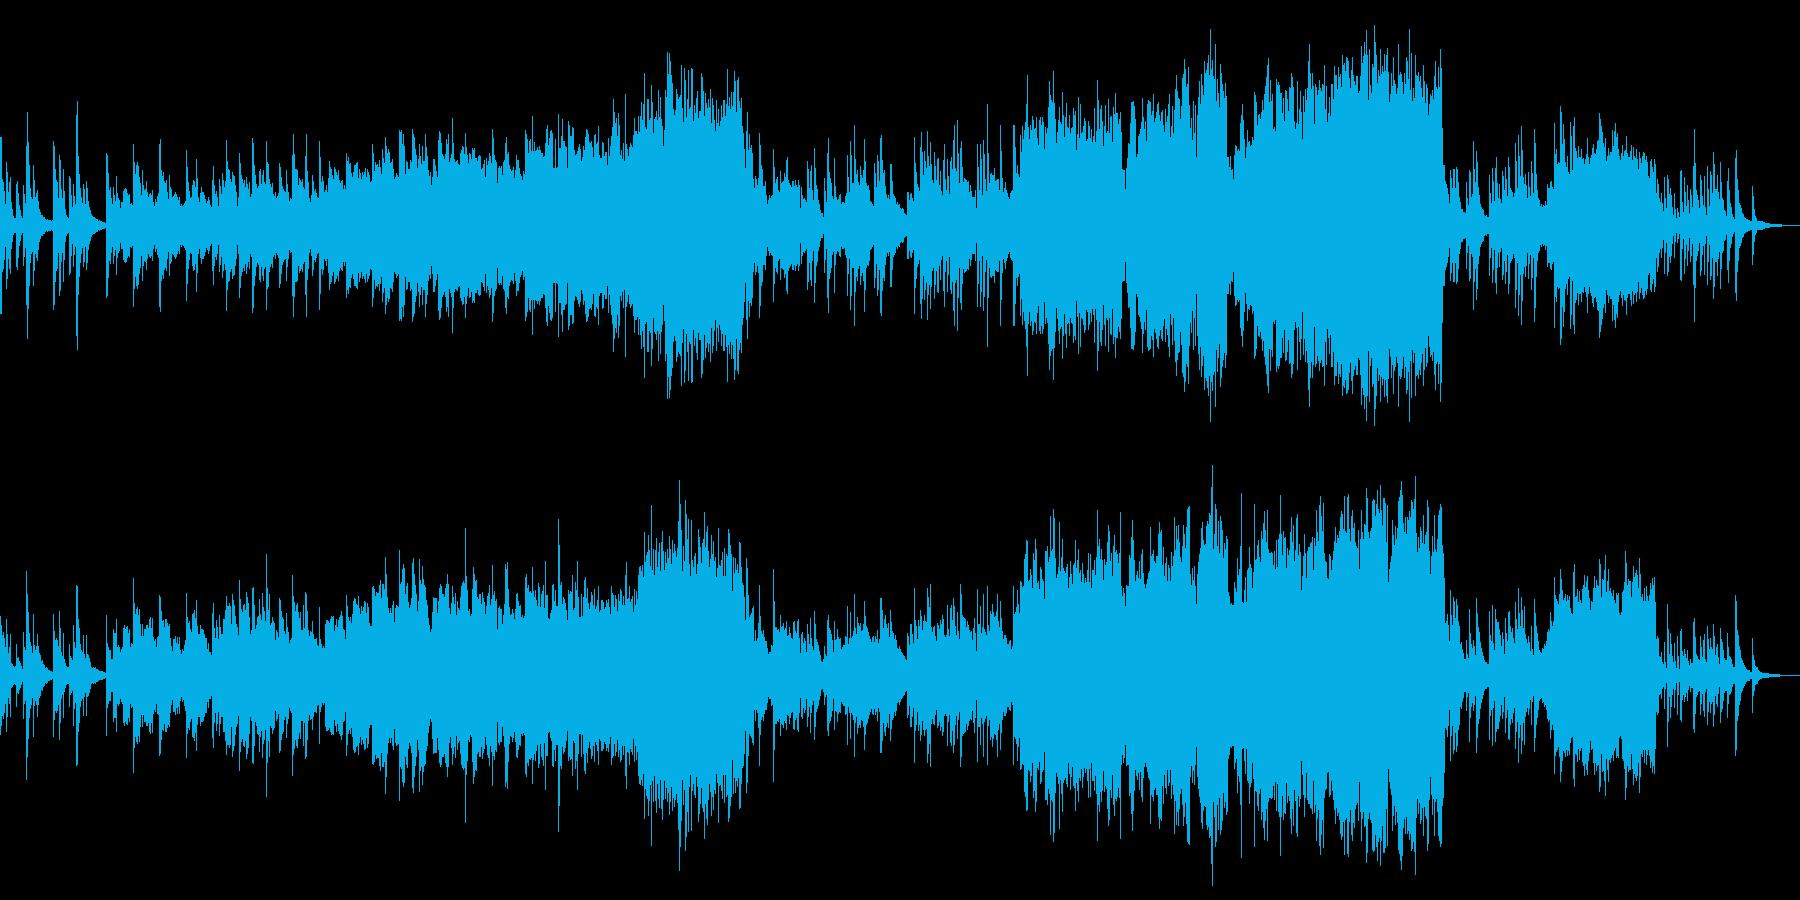 おだやかで切ない室内楽曲の再生済みの波形